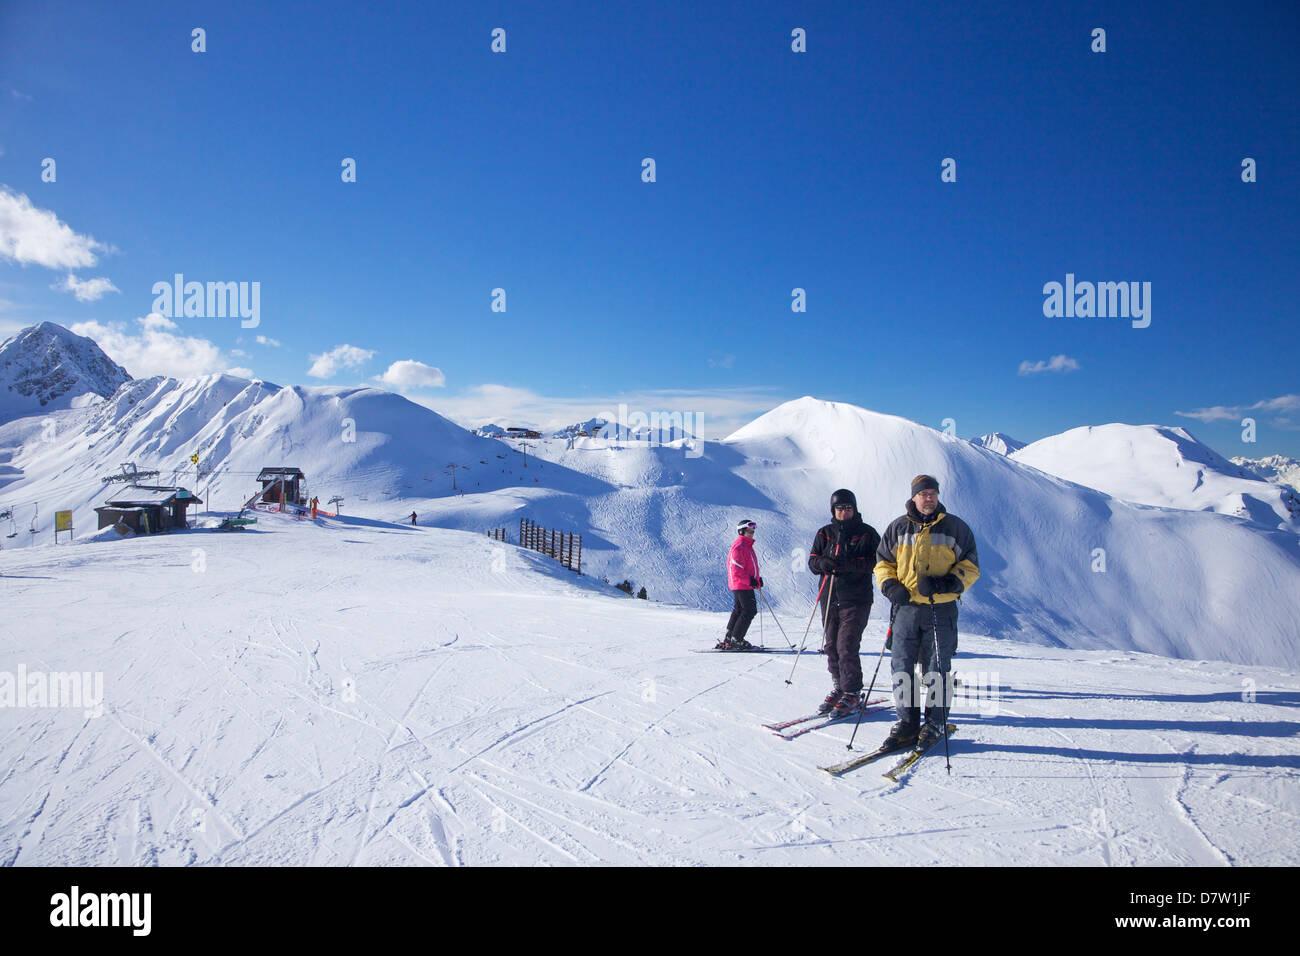 Vue de dos rond, La Plagne, Savoie, Alpes, France Photo Stock